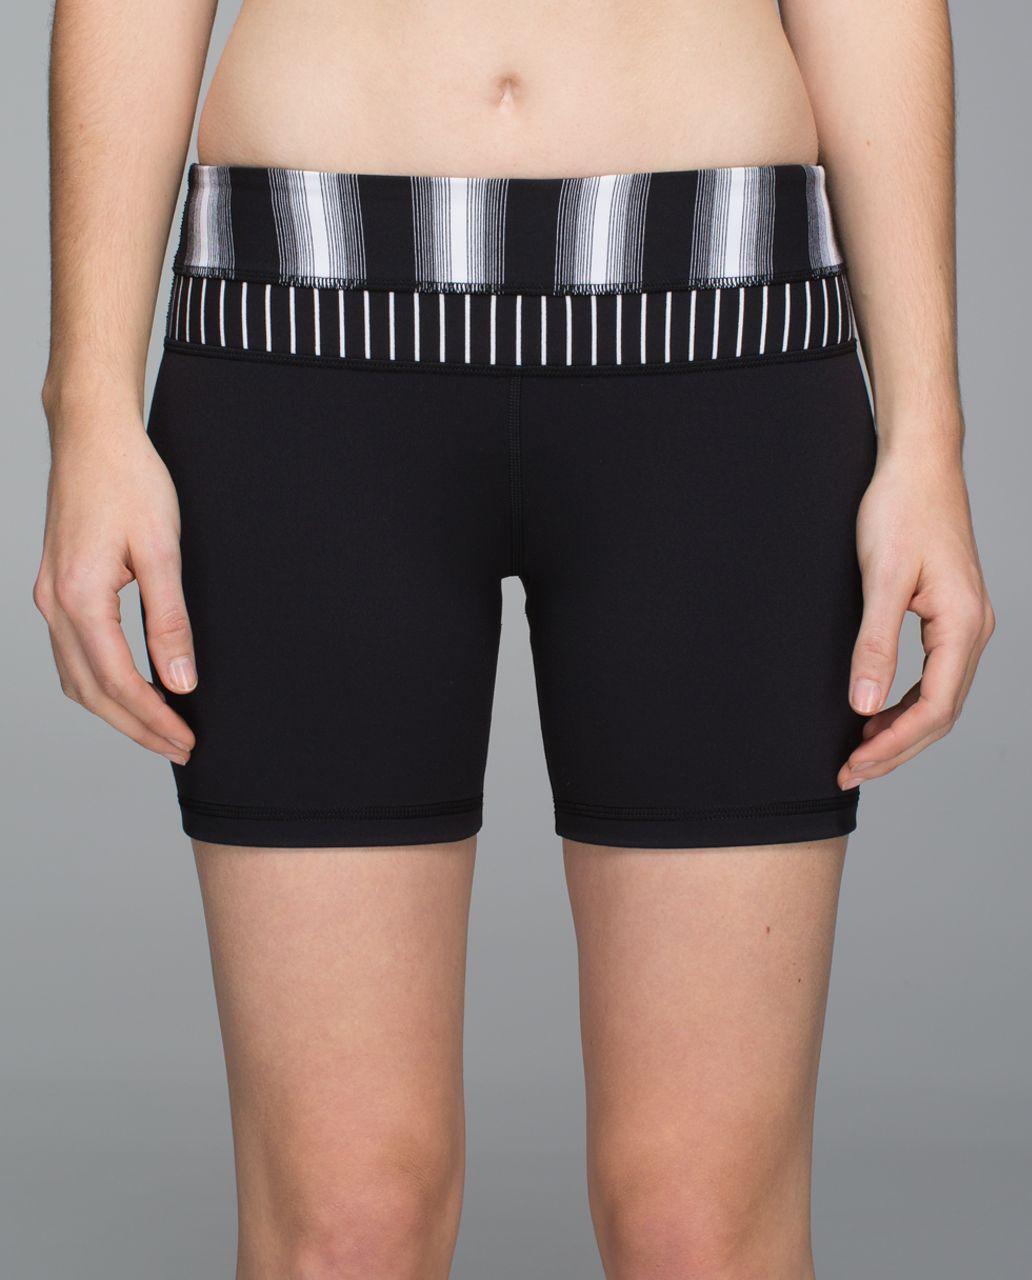 Lululemon Groove Short *Full-On Luon (Regular) - Black / Capilano Stripe Black White / Parallel Stripe Black White